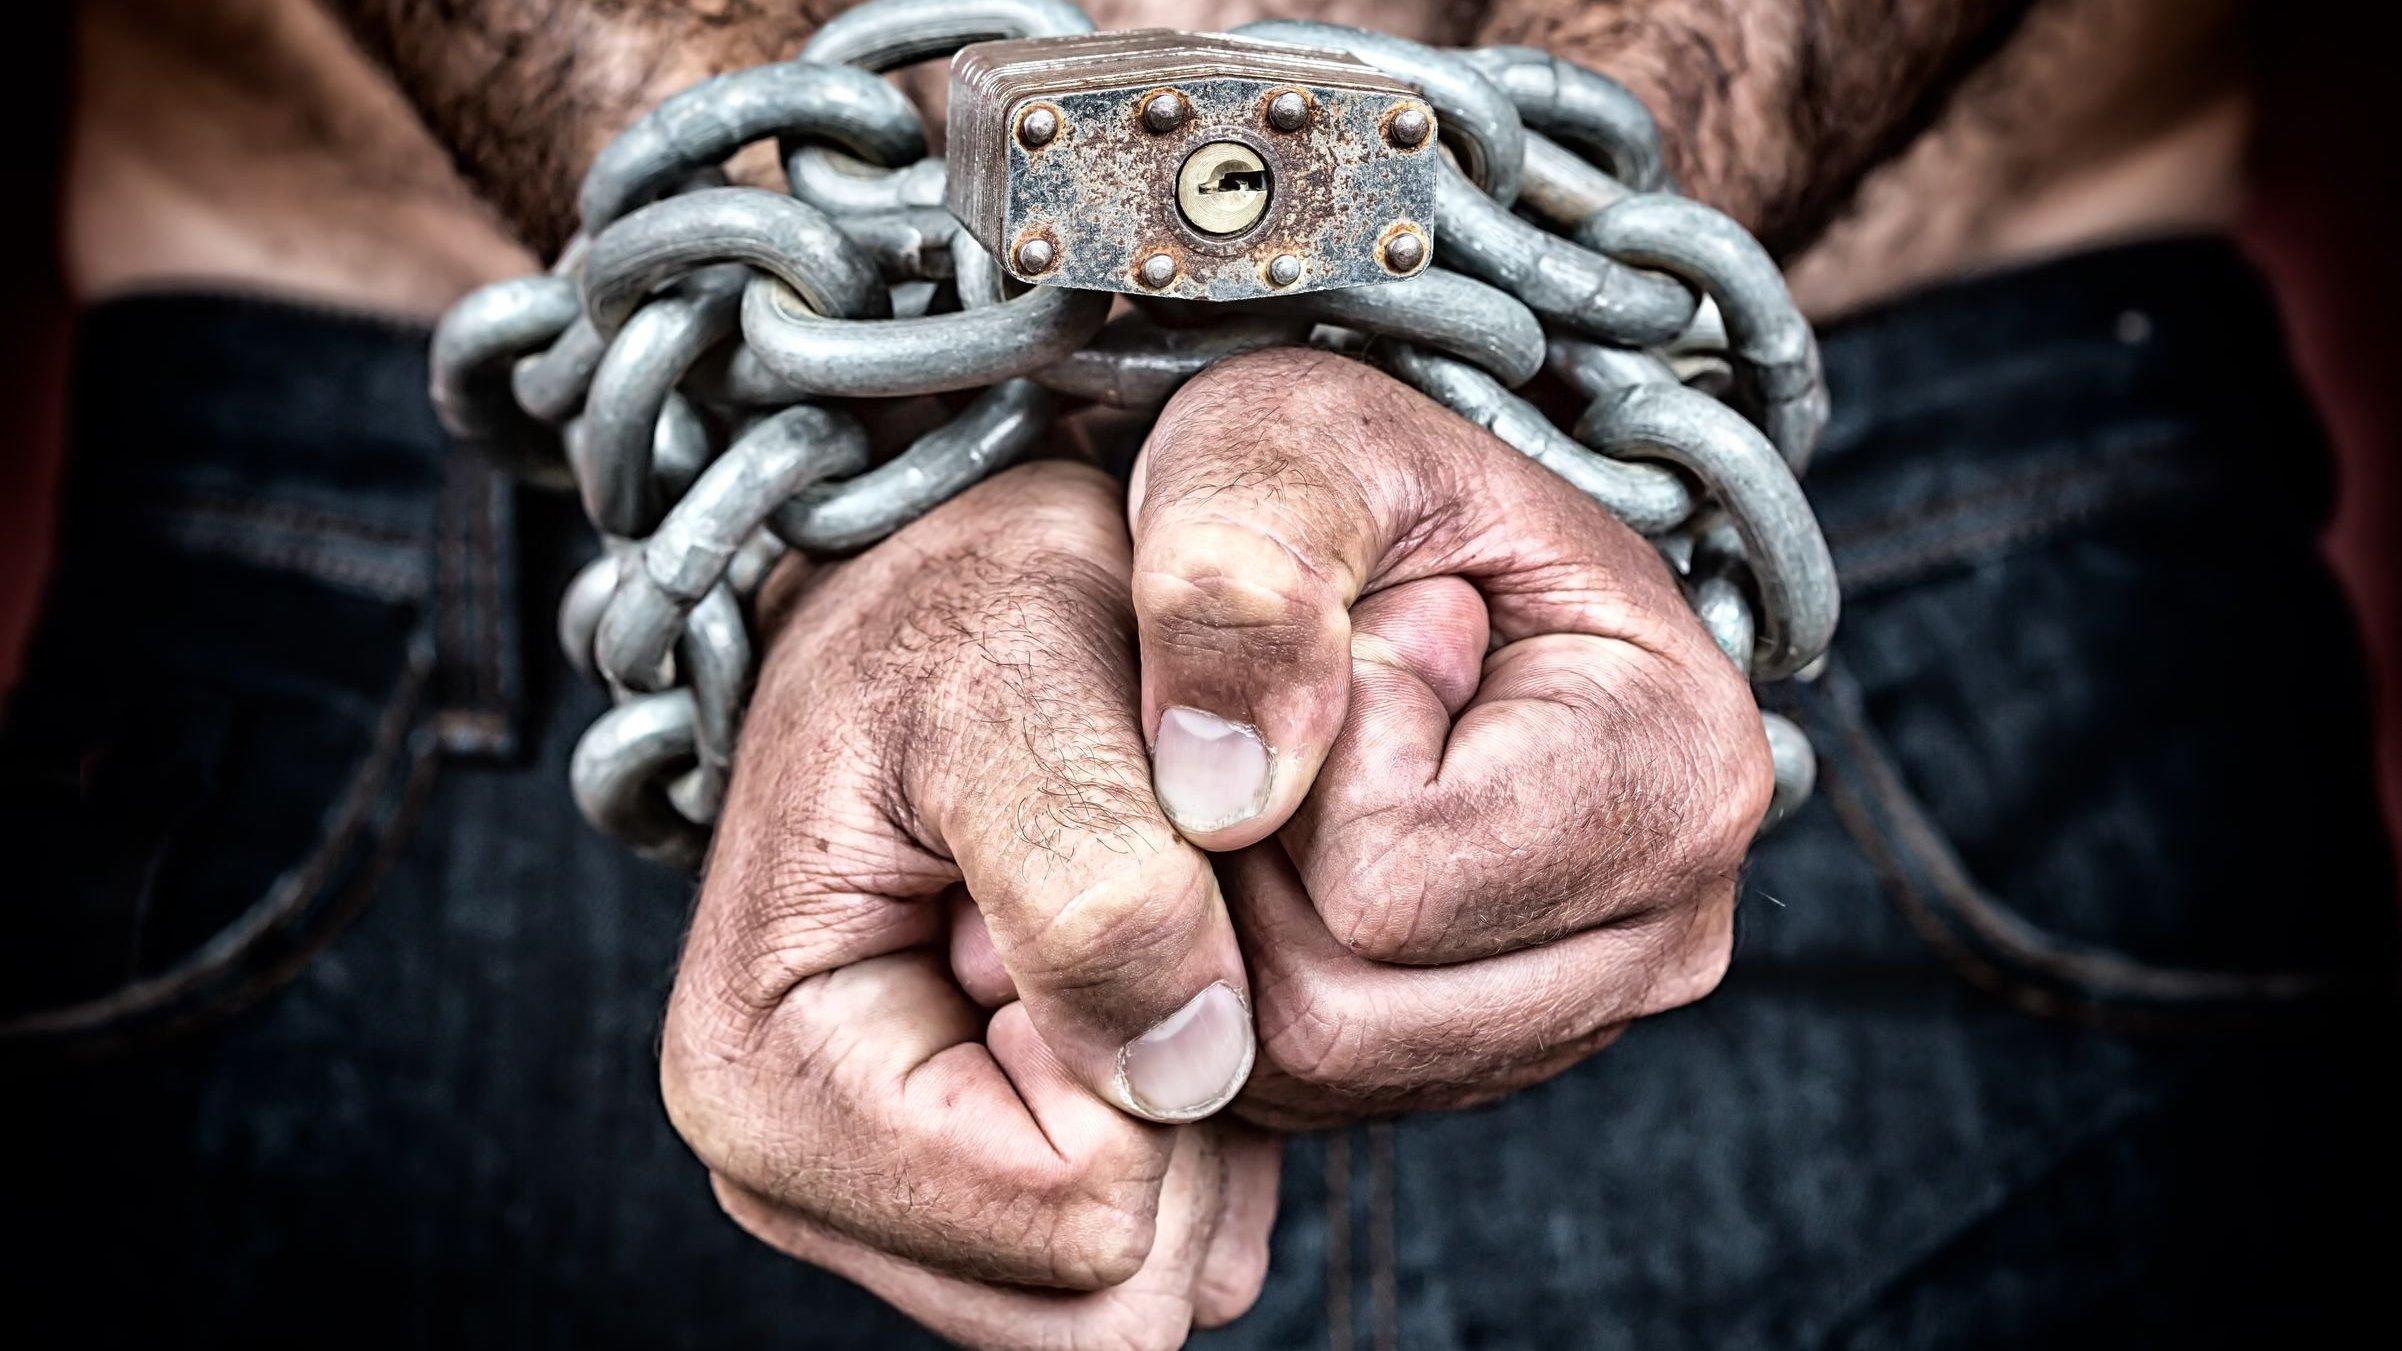 Homem com os pulsos presos por uma corrente e um cadeado. Suas mãos e seus braços estão sujos.